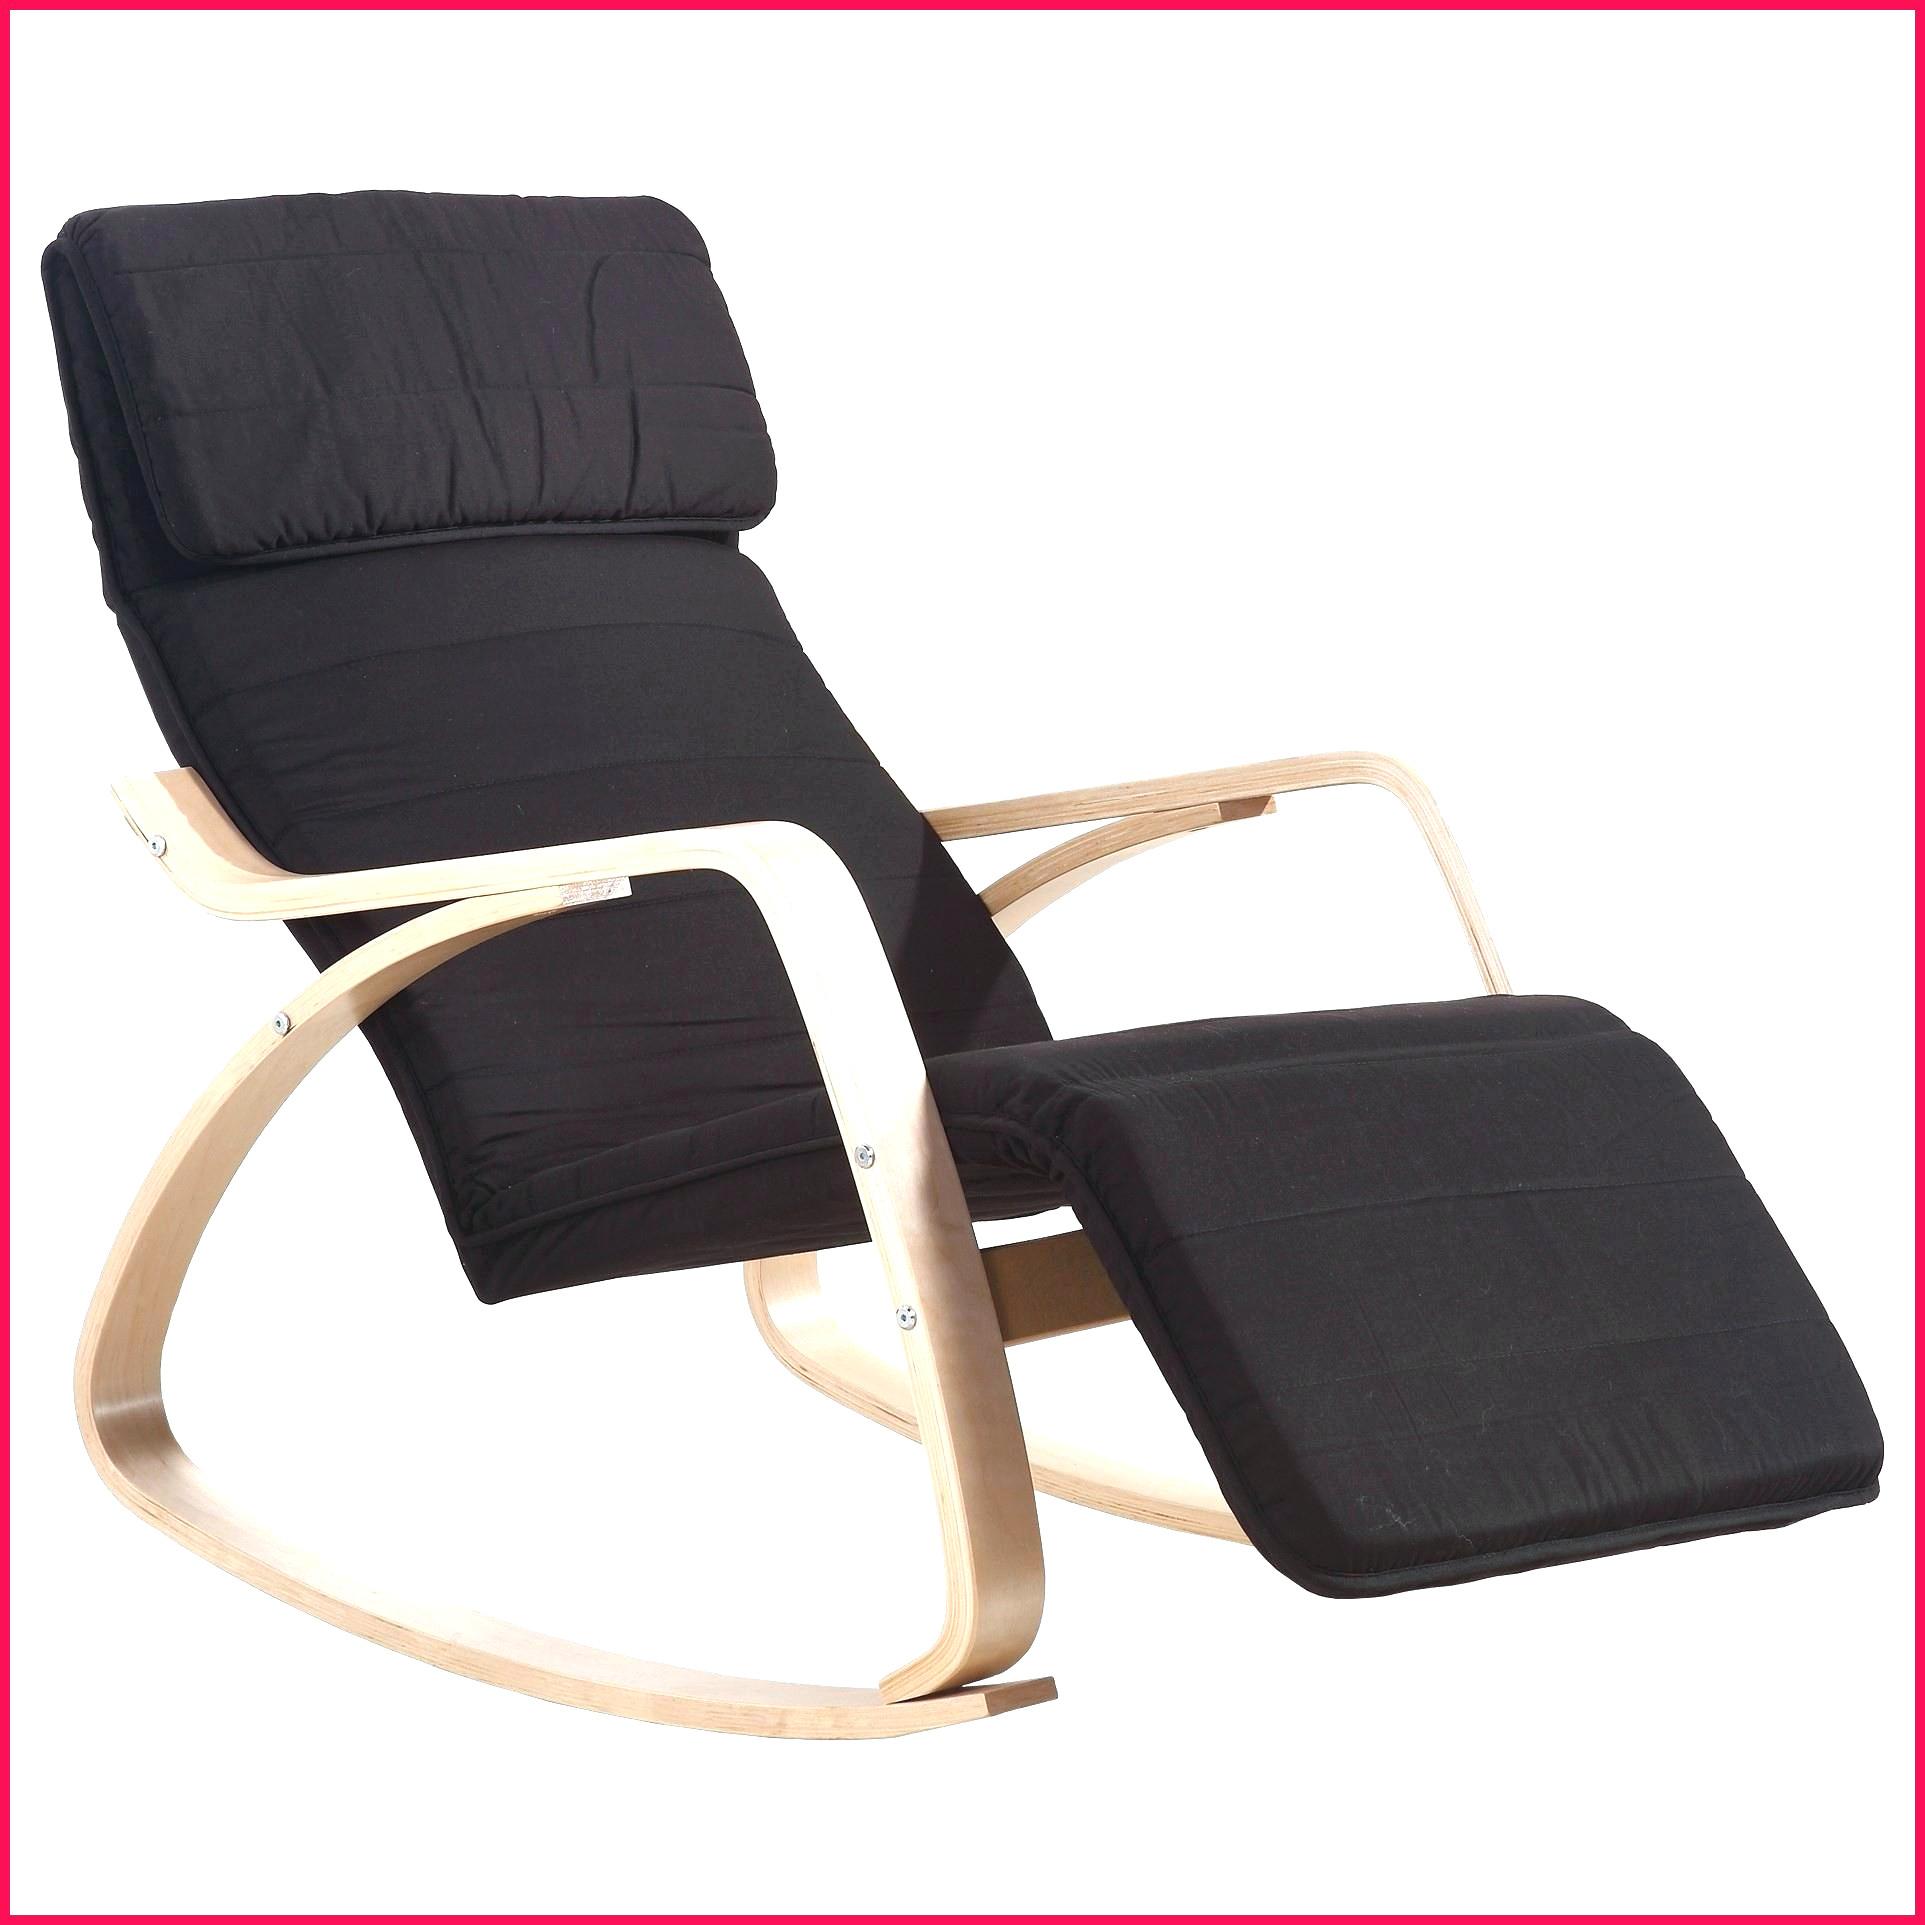 Housse Extensible Pour Canapé Relax Electrique Beau Image Beau Chaise De Relaxation Chaise De Relaxation Fauteuil Fauteuil